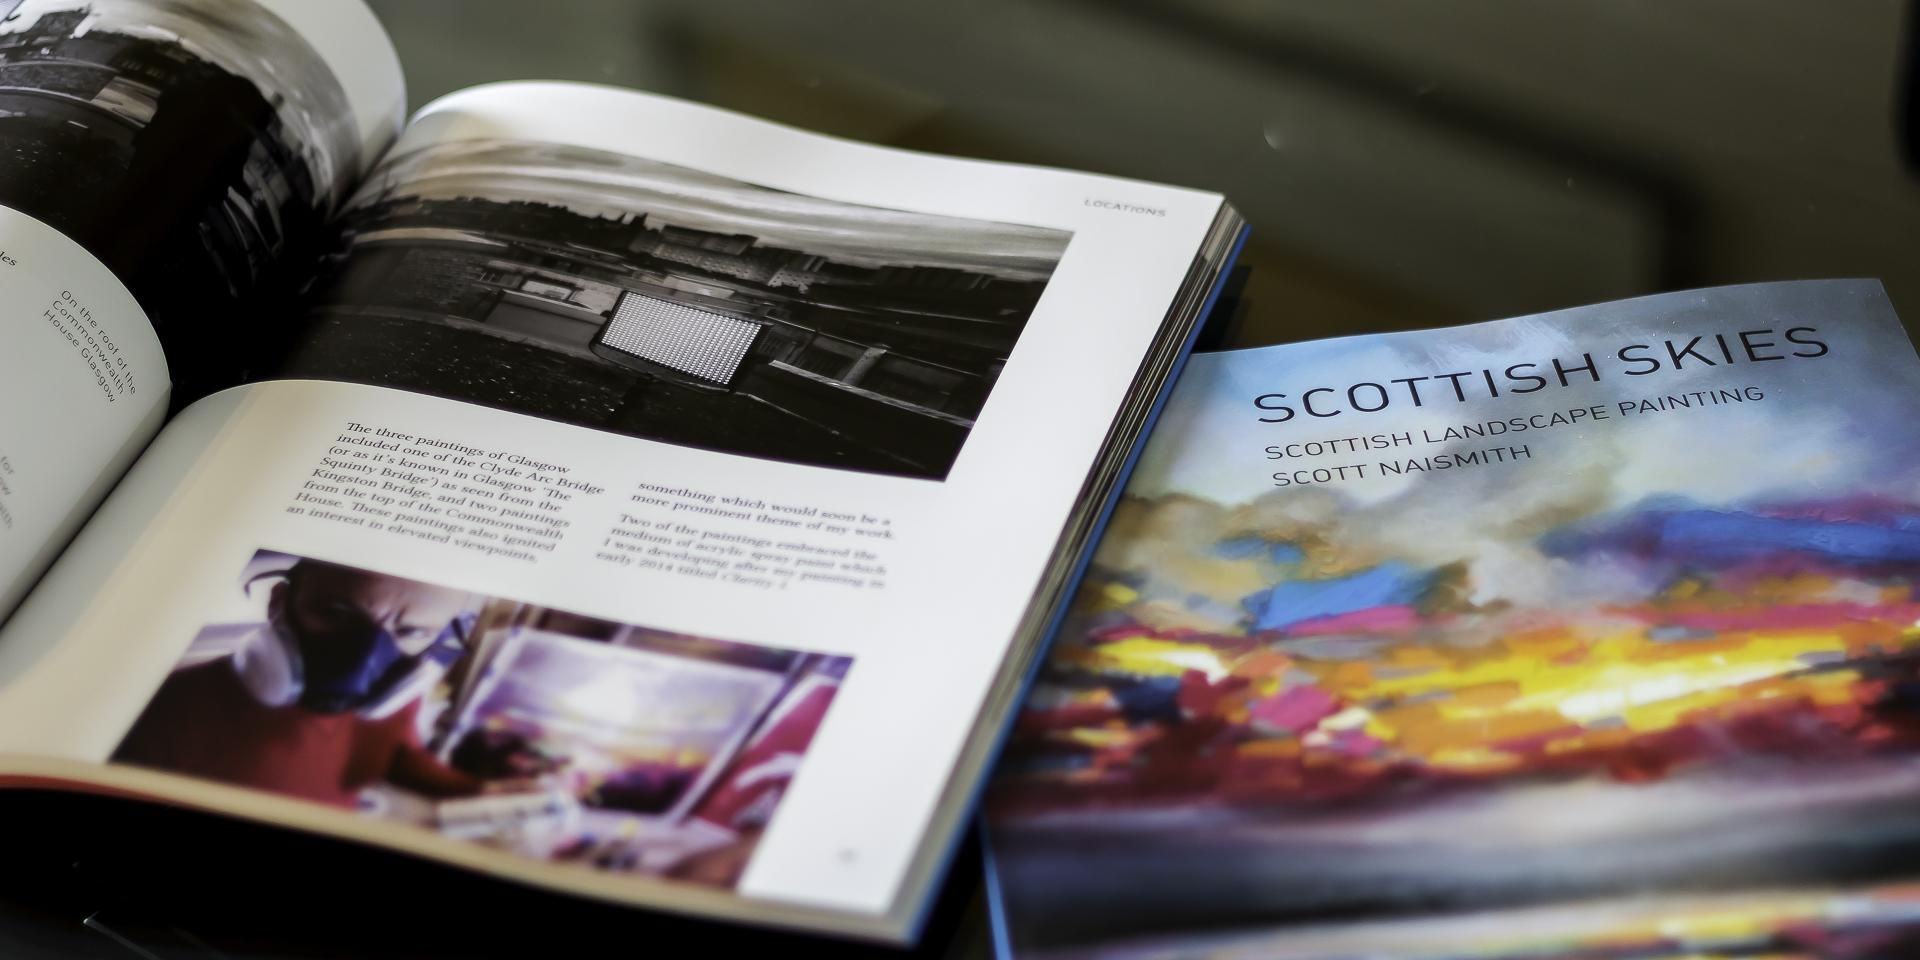 Scottish Skies, by Scott Naismith